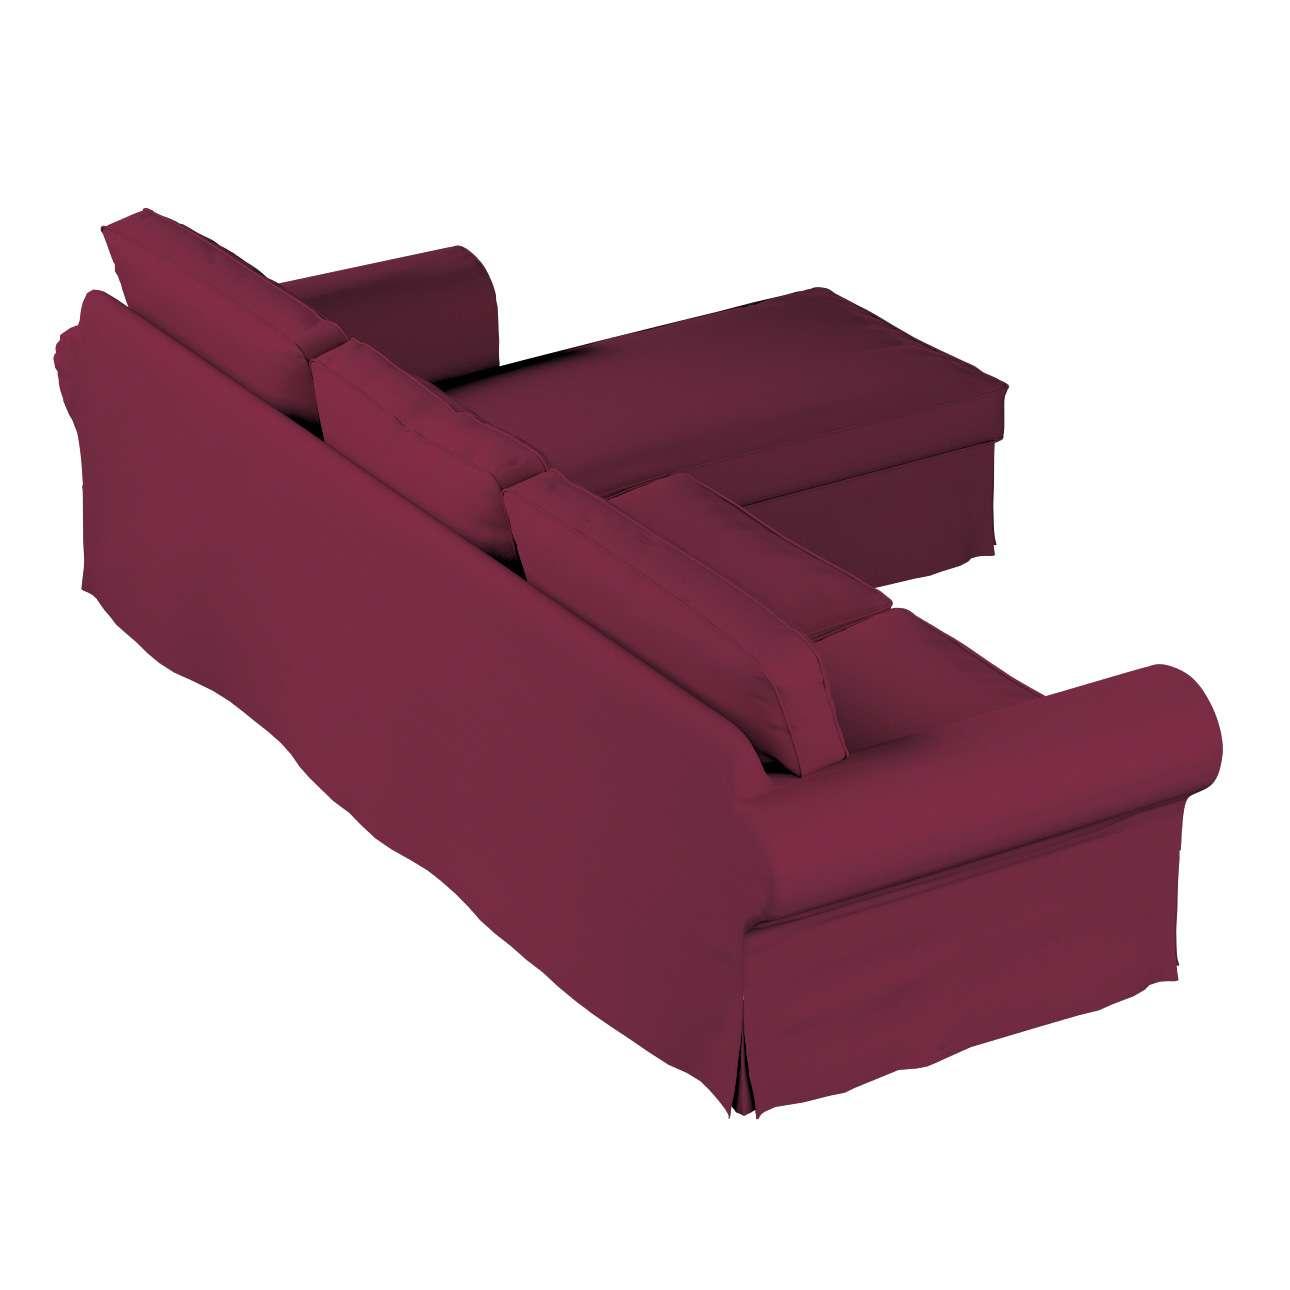 Pokrowiec na sofę Ektorp 2-osobową i leżankę w kolekcji Cotton Panama, tkanina: 702-32